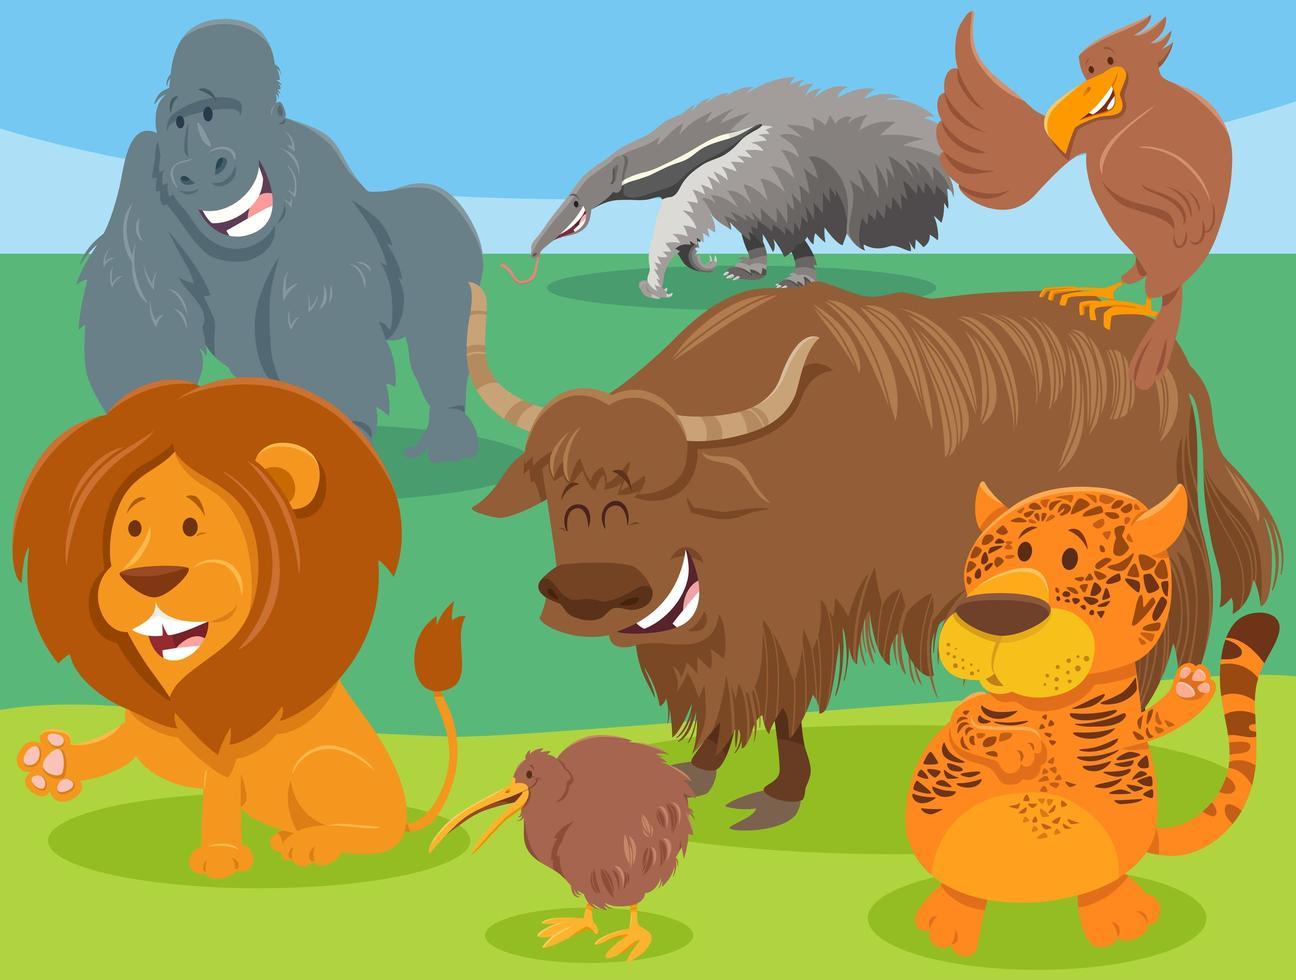 groupe de personnages animaux sauvages de dessin animé drôle vecteur